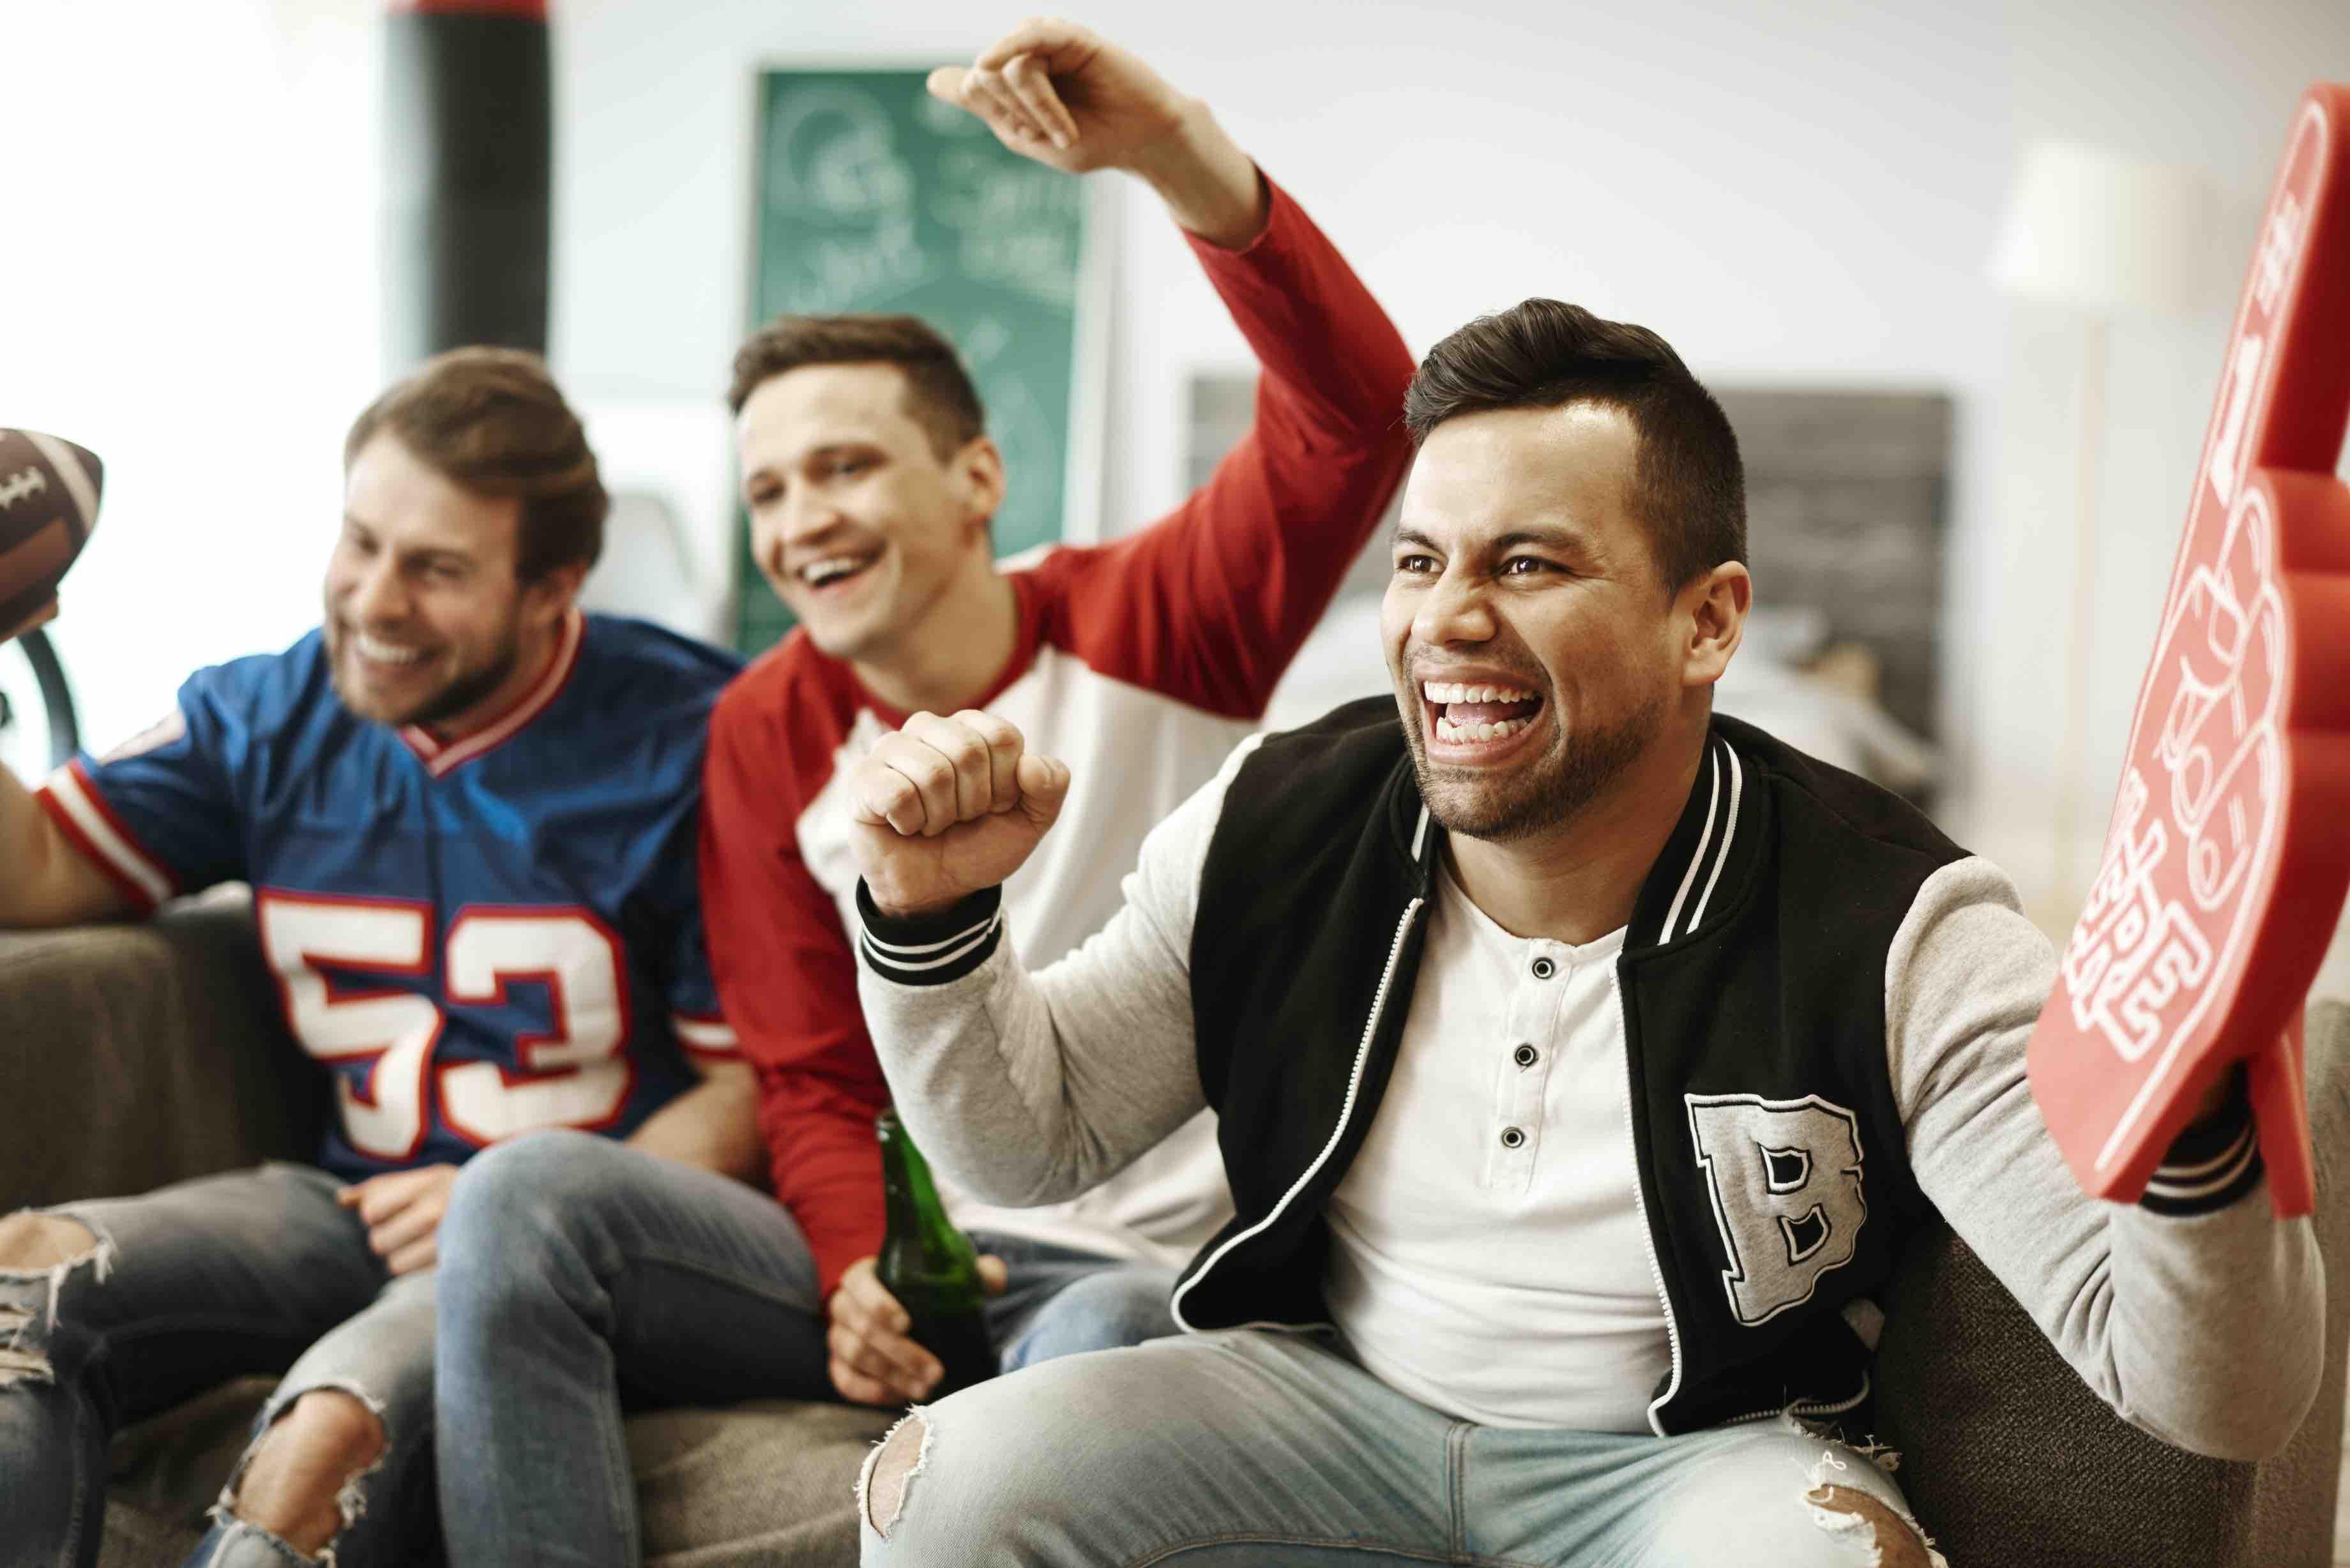 men-reacting-to-sports